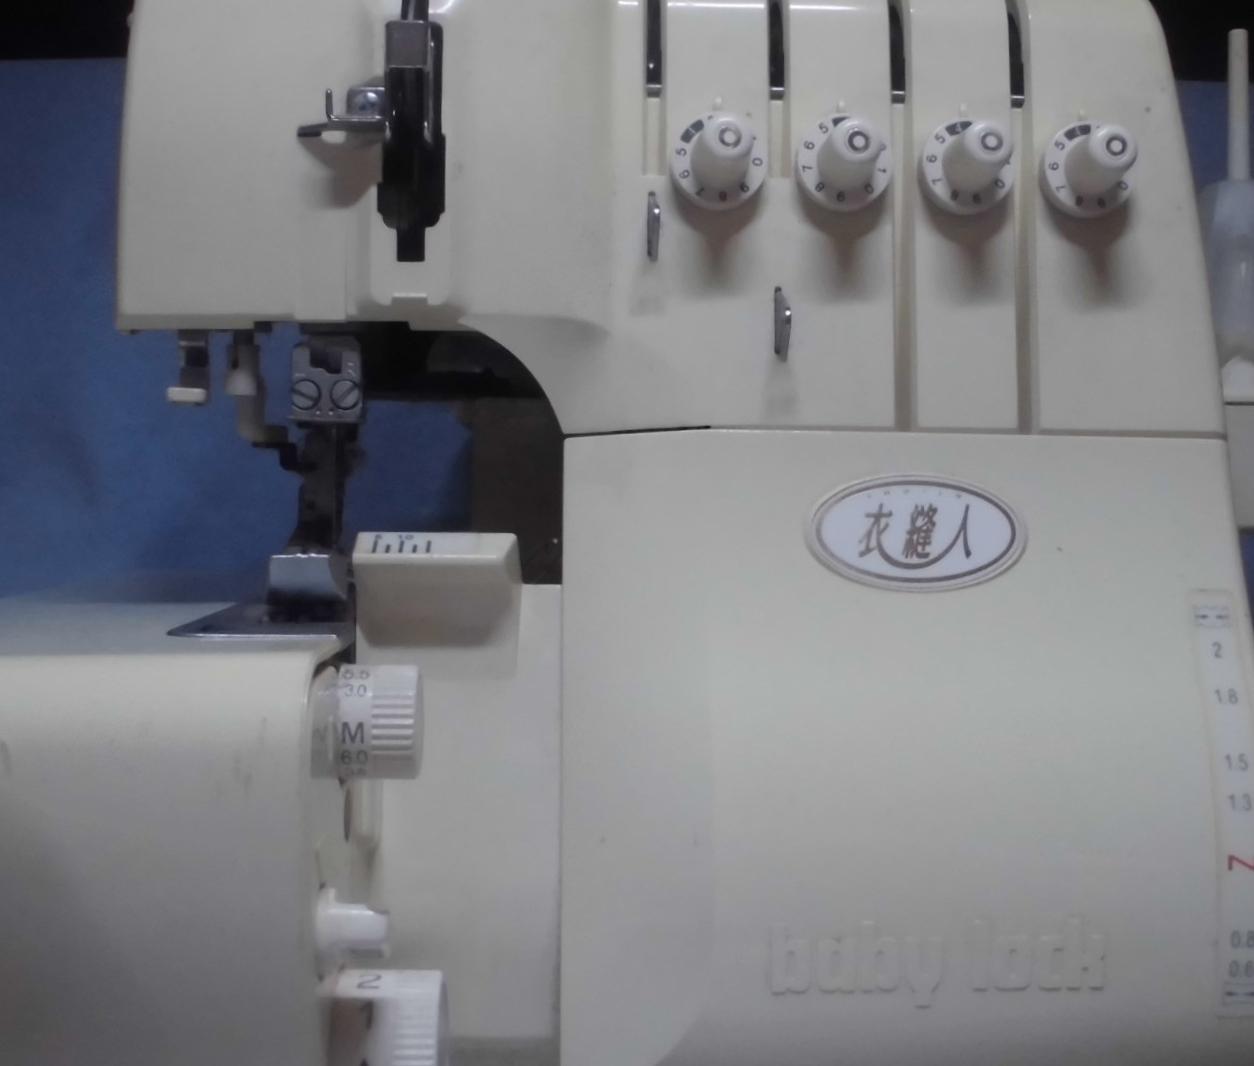 ベビーロック衣縫人のミシン修理|動かない、はずみ車が回らない、縫えない、エアスルー不良